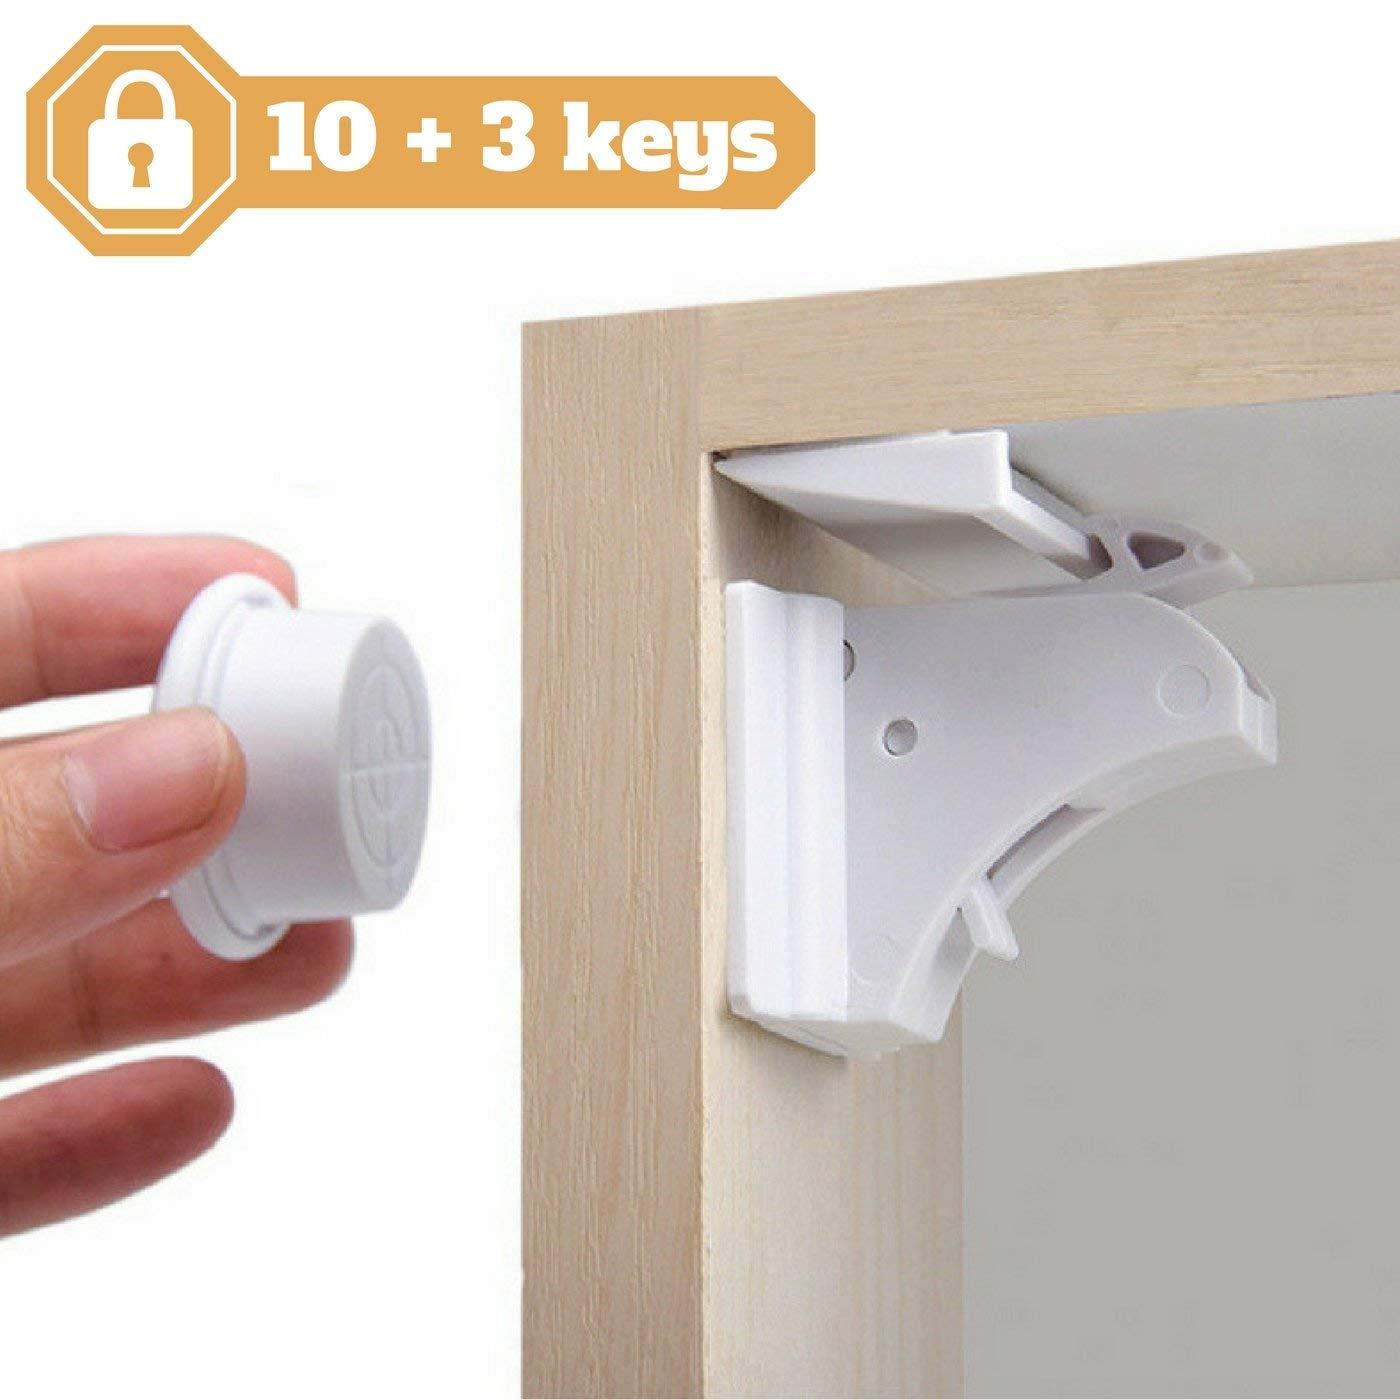 [10 Cerraduras + 3 llaves + BONUS] para armarios y cajones para bebés y niños con NODI - ALTA CALIDAD - Bloqueo totalmente invisible - Instalación fácil y rápida en todos sus muebles - Fácil de usar - 3M adhesivos ultra resistentes - BONUS Guía de instalac